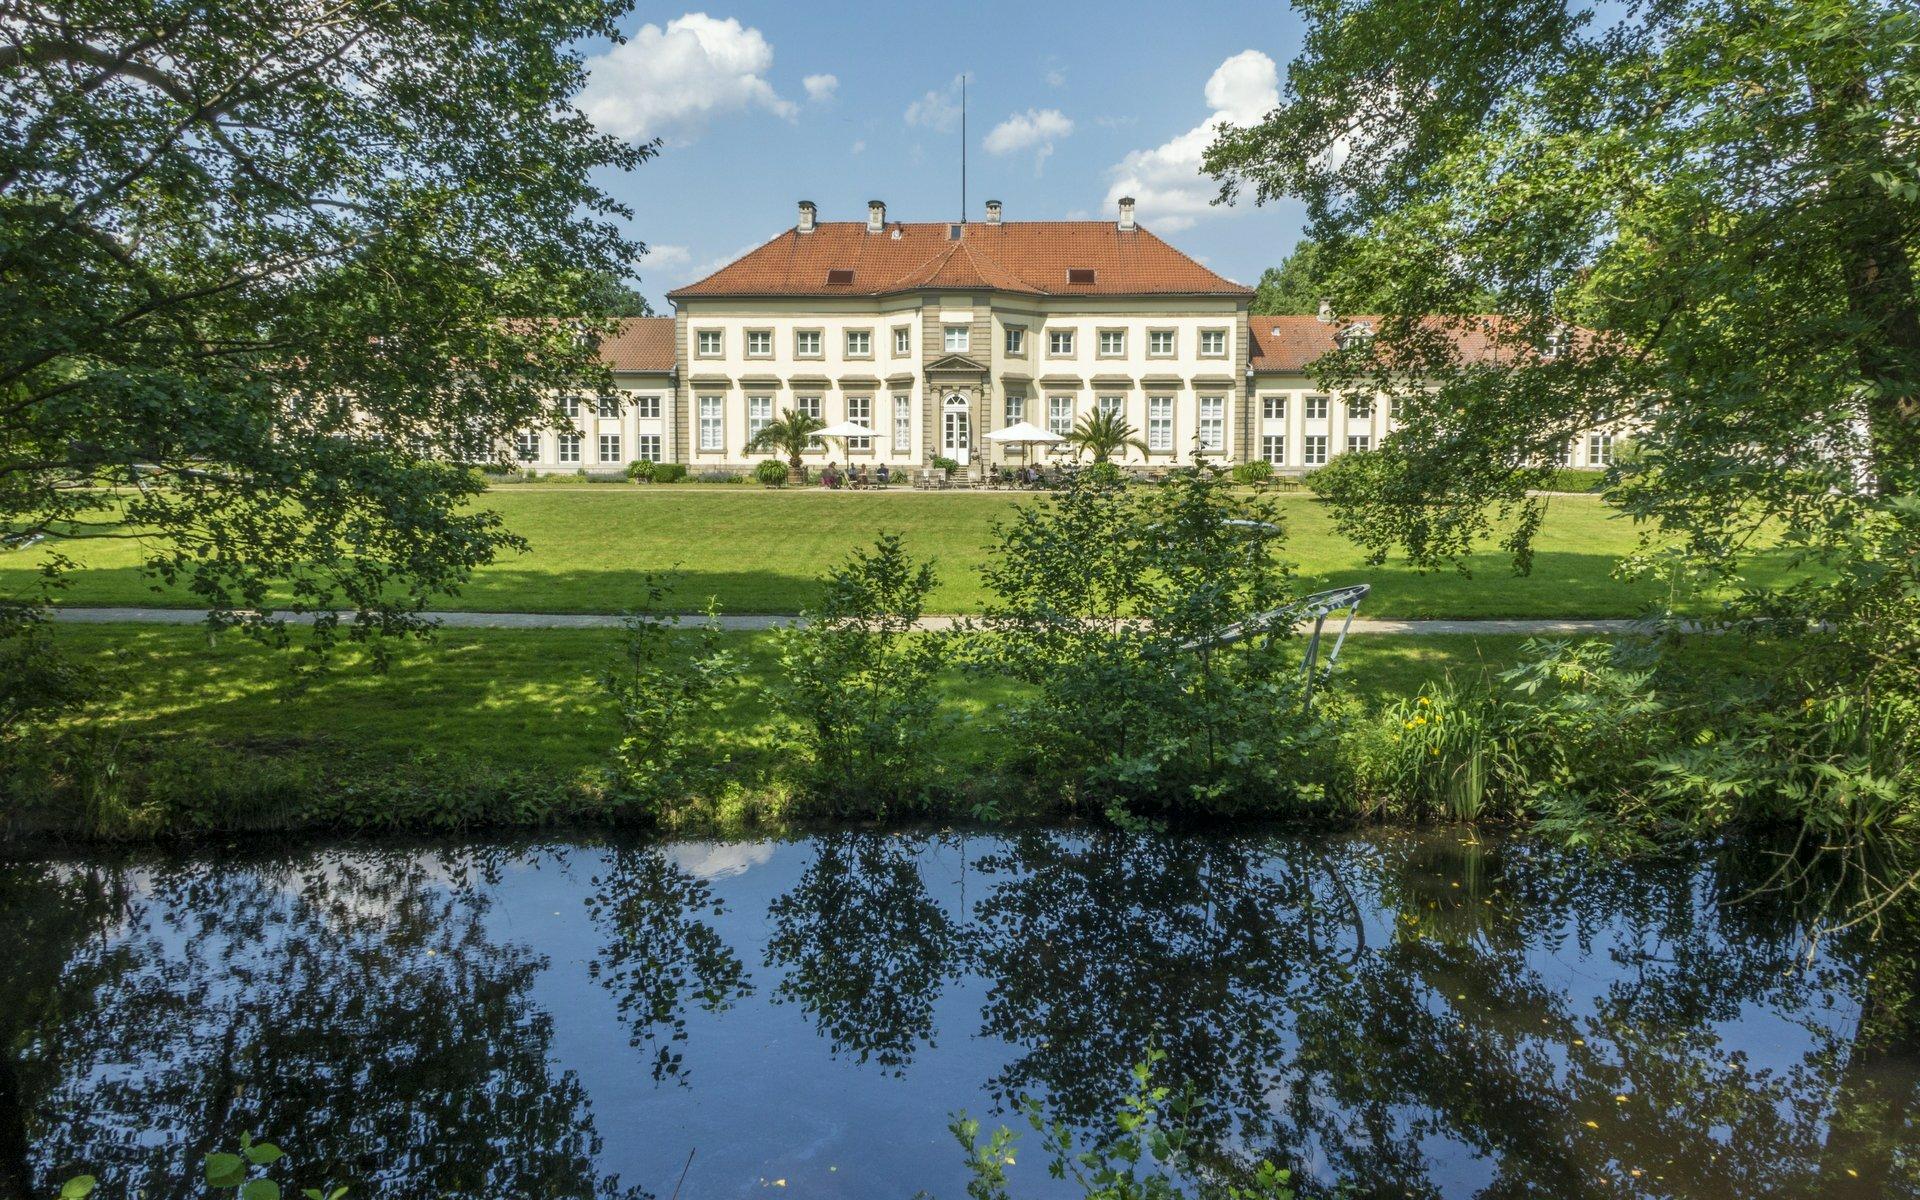 Wilhelm-Busch-Museum vom Palaisgarten